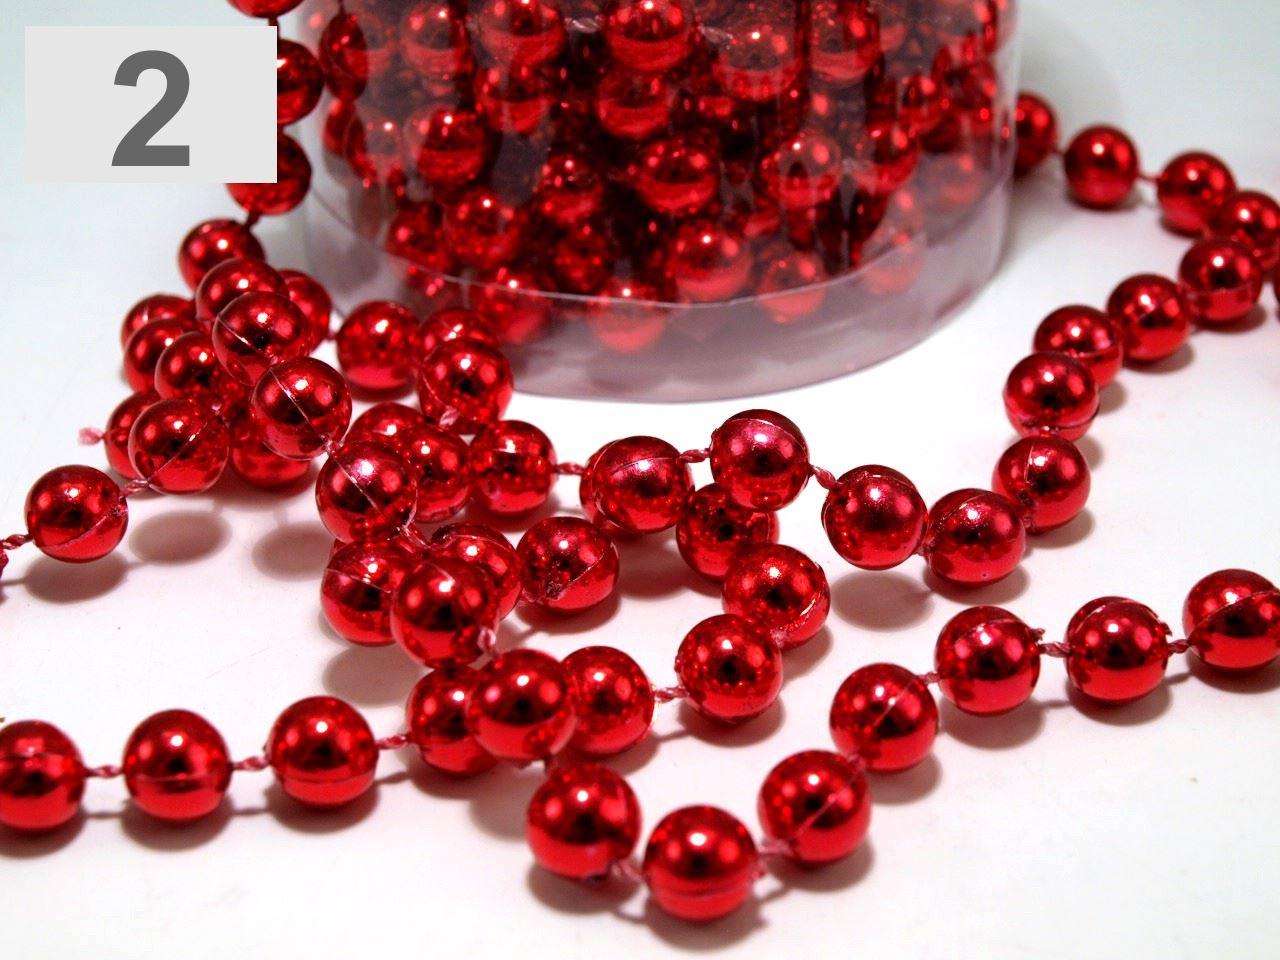 24FT-8M-Perline-a-Sfera-Catena-Ghirlanda-per-albero-di-Natale-da-appendere-DECORAZIONI-NATALE-NOZZE miniatura 6